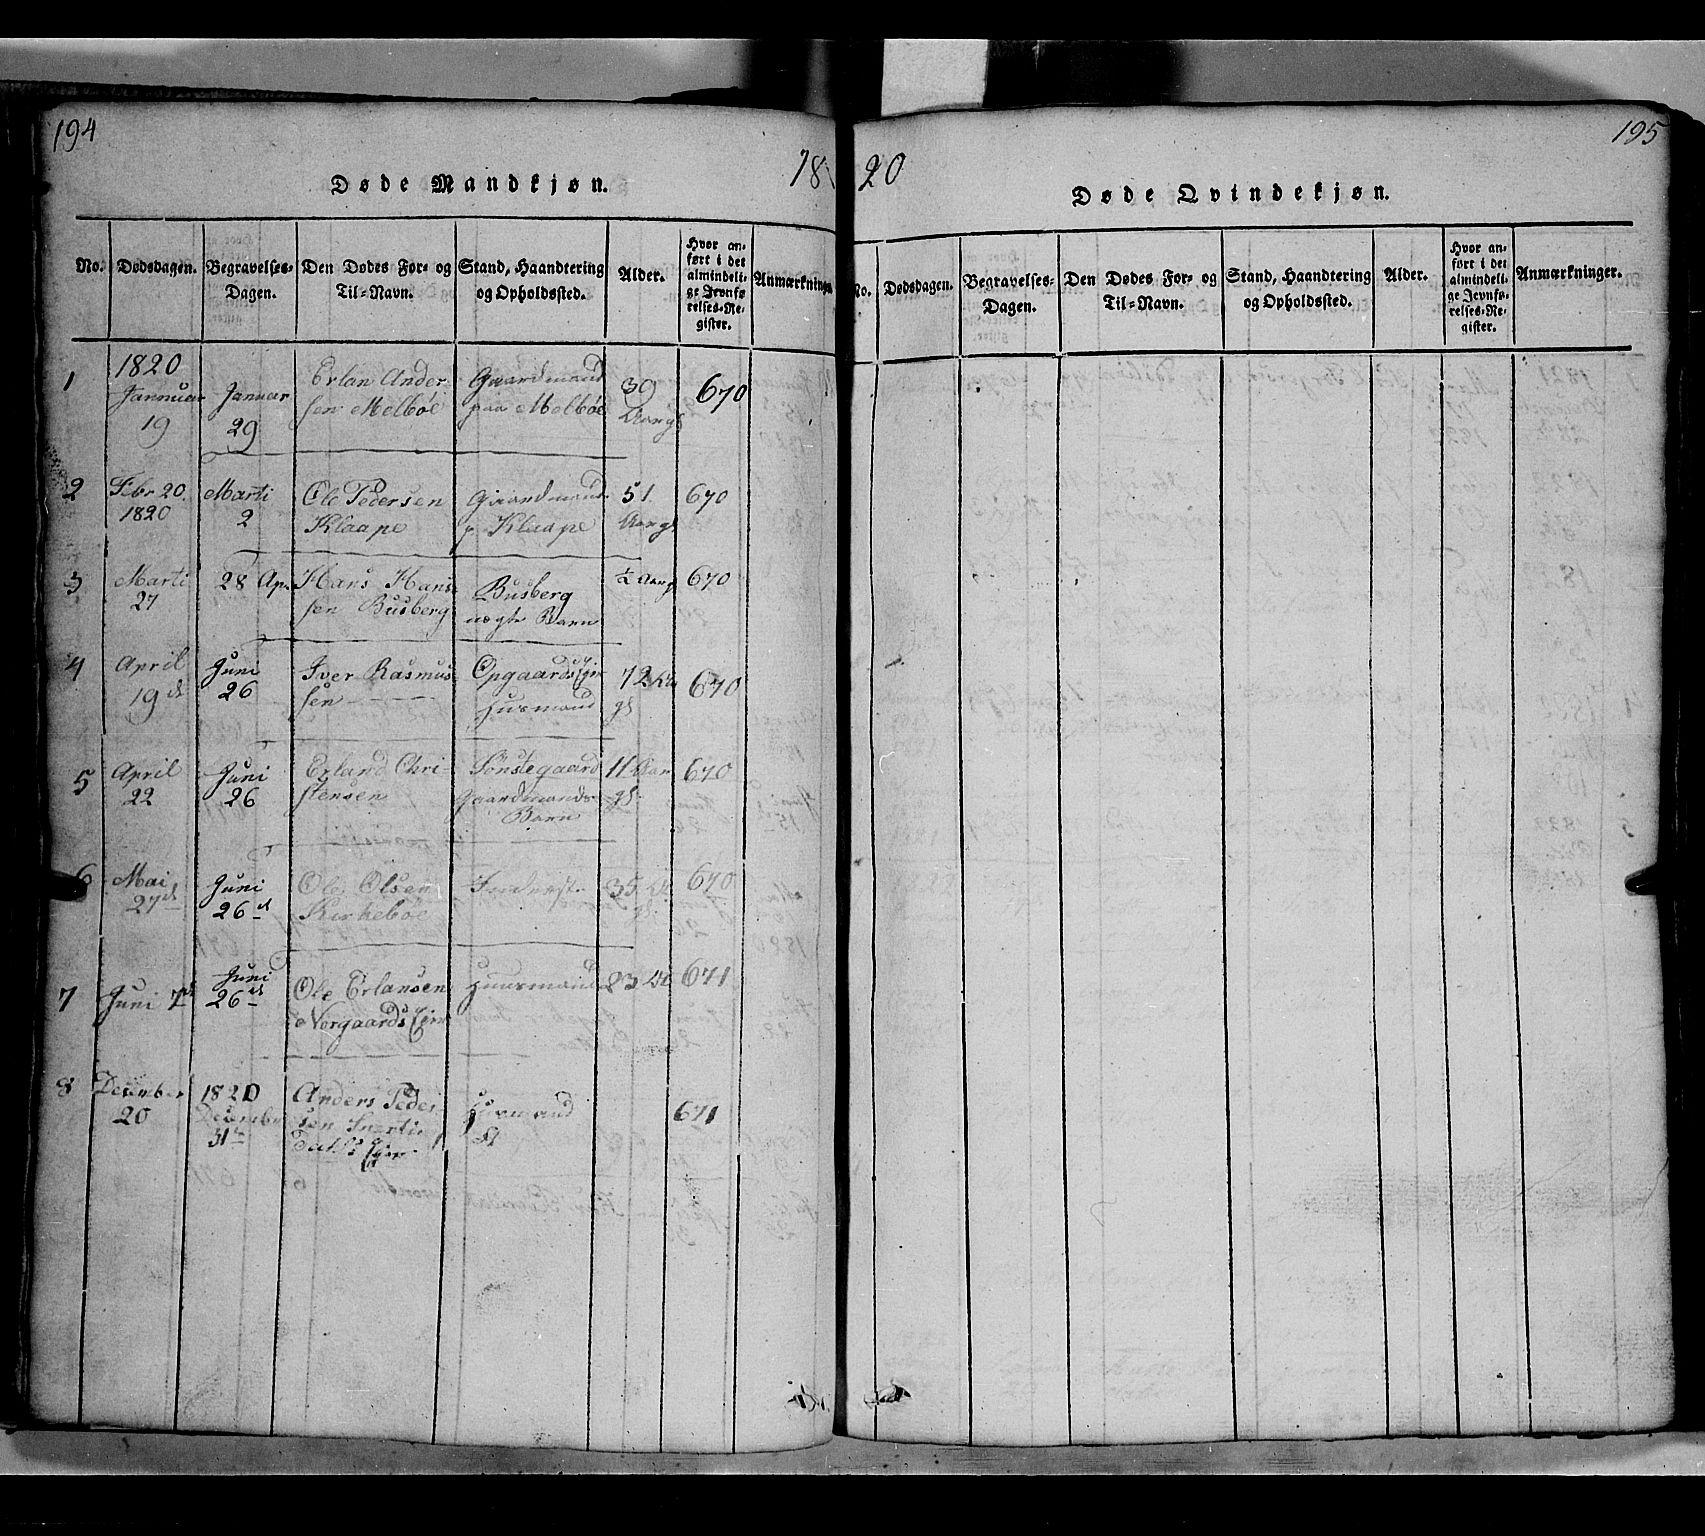 SAH, Gausdal prestekontor, Klokkerbok nr. 2, 1818-1874, s. 194-195